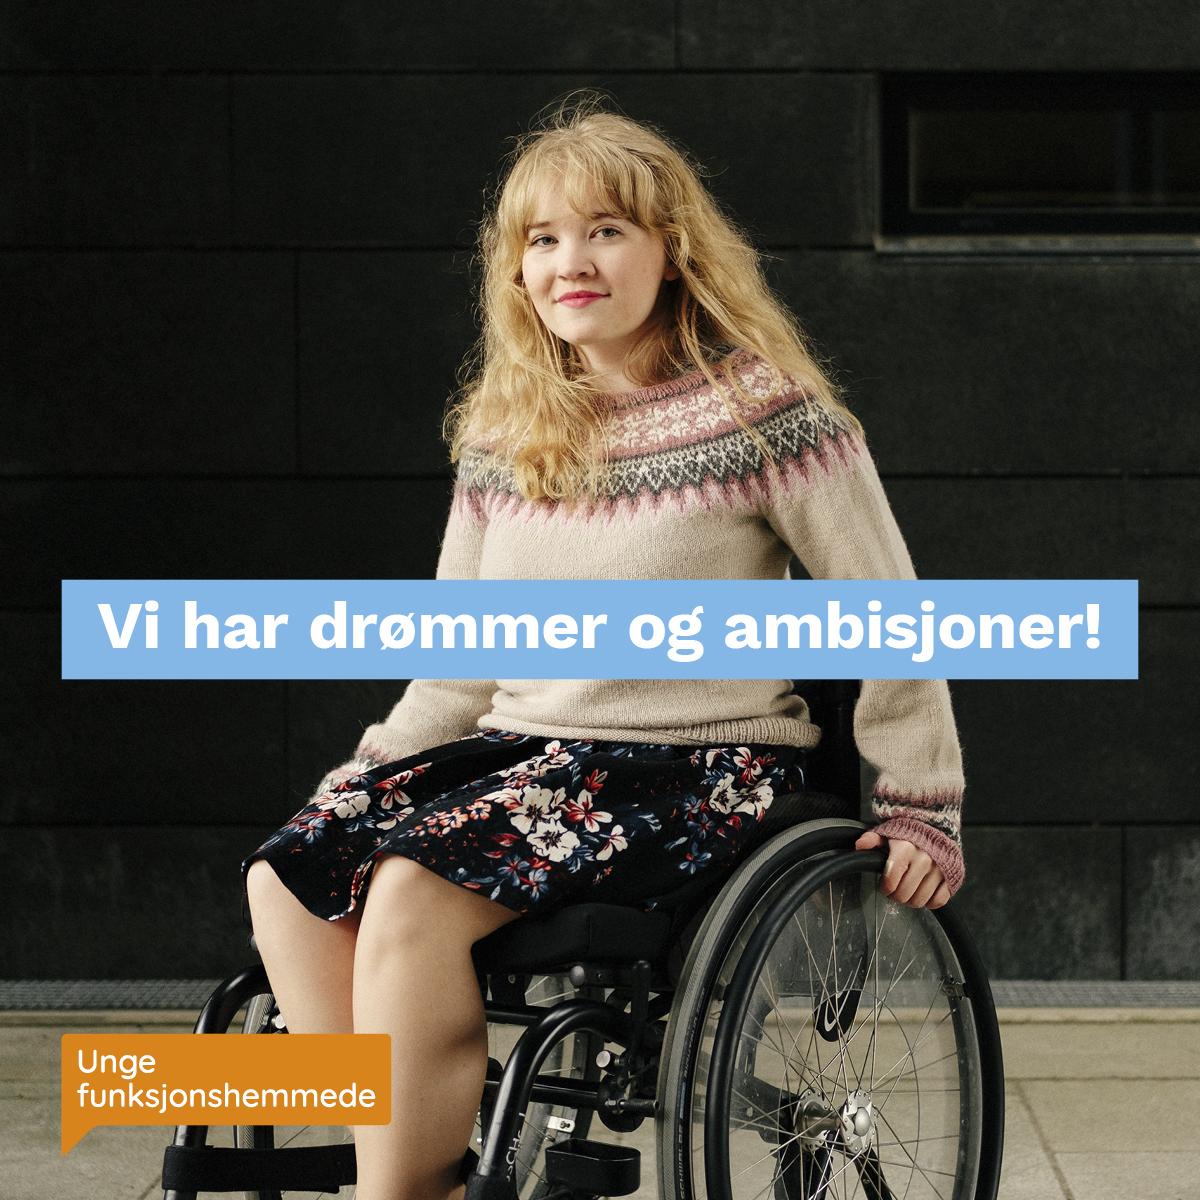 """En kvinne i rullestol ser inn i kamera. Midt i bildet står teksten """"Vi har drømmer og ambisjoner!"""". I hjørnet synes Unge funksjonshemmedes logo."""